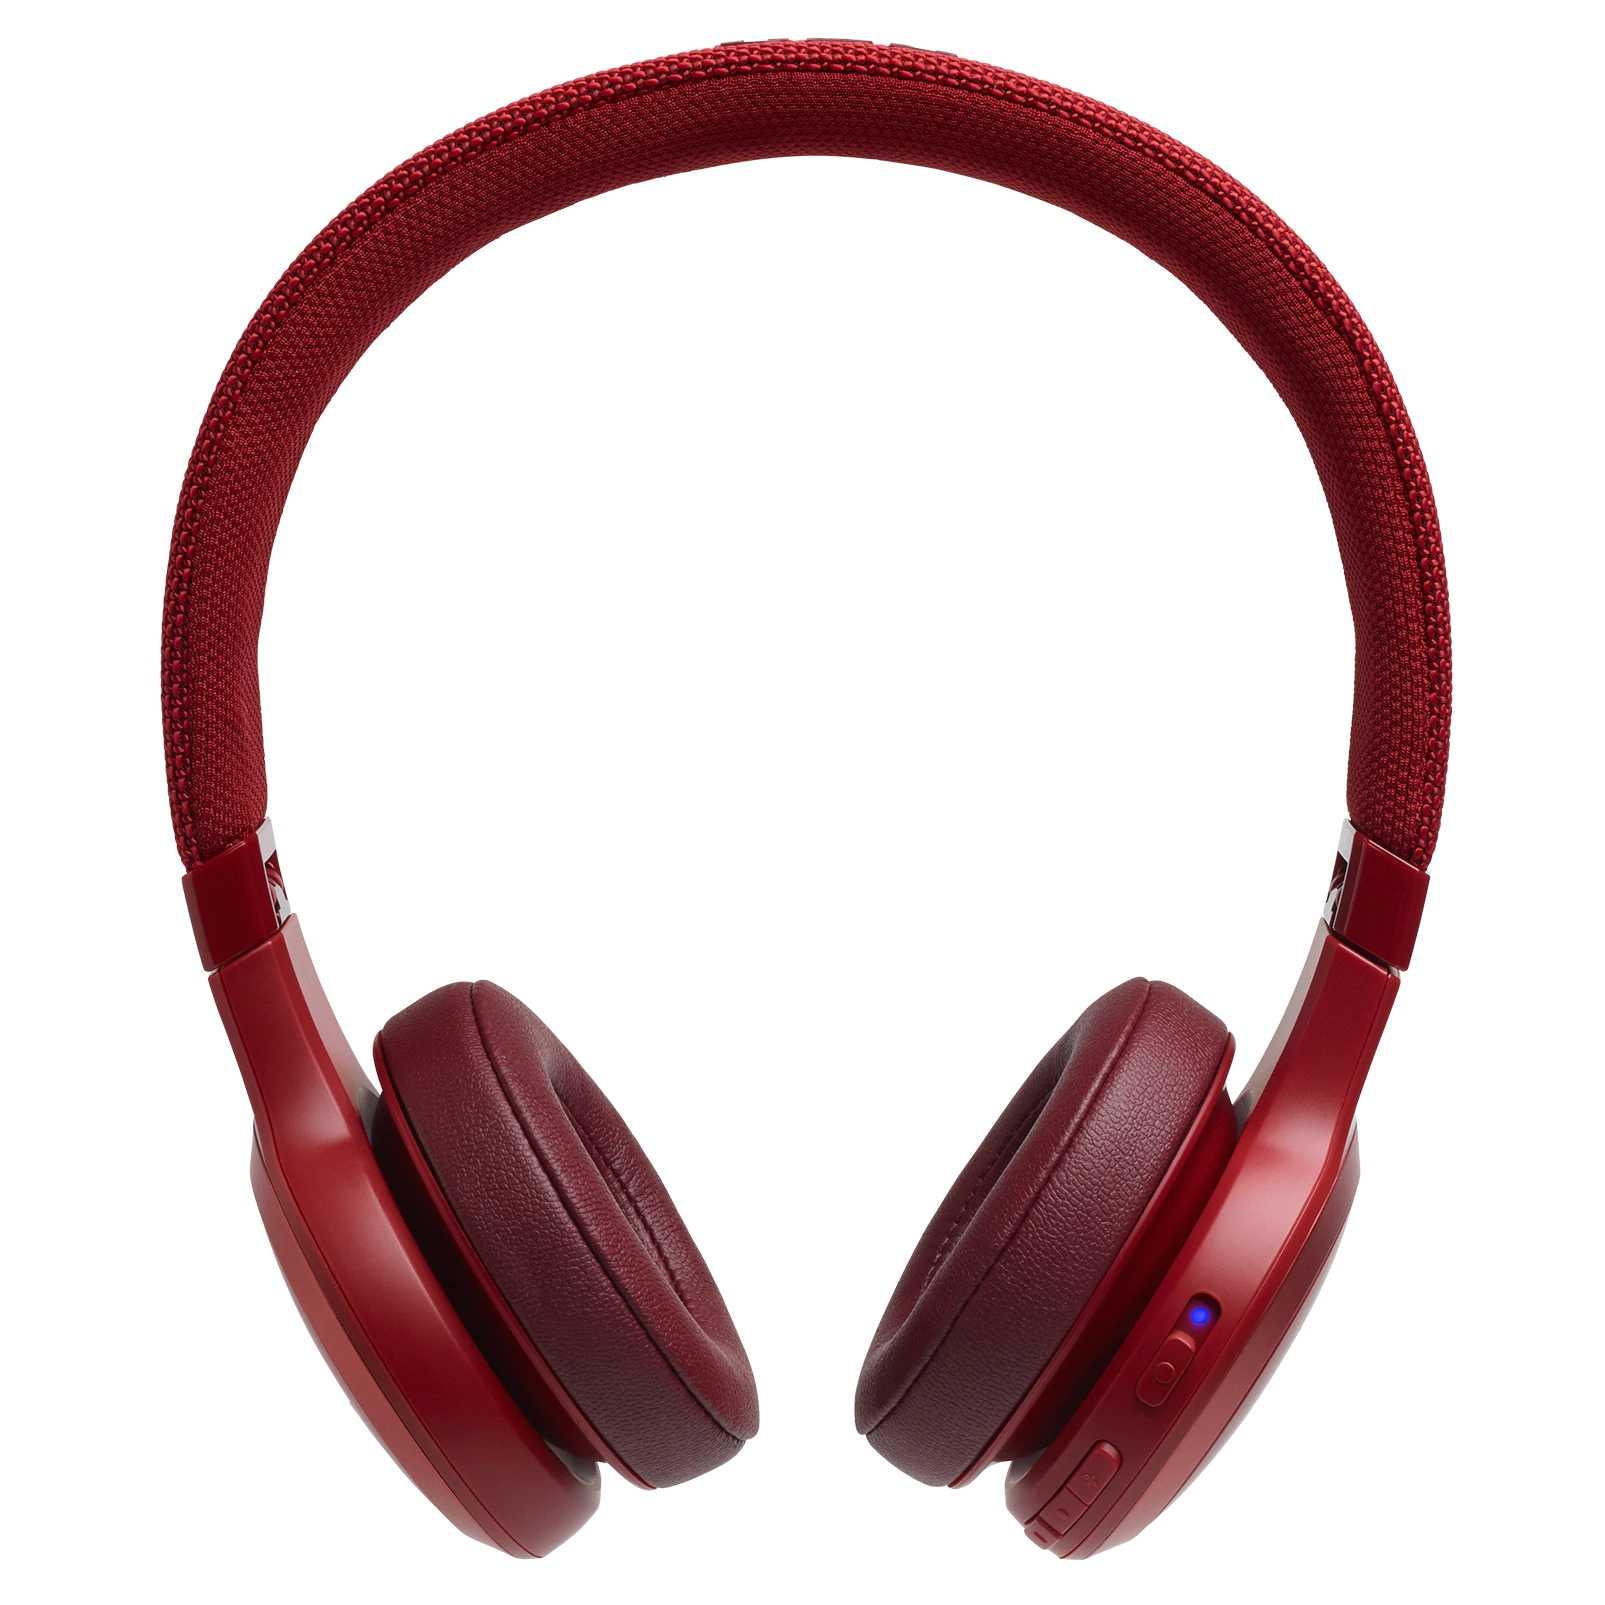 Fone de Ouvido Bluetooth JBL Live 400BT - Vermelho JBLLIVE400BTRED